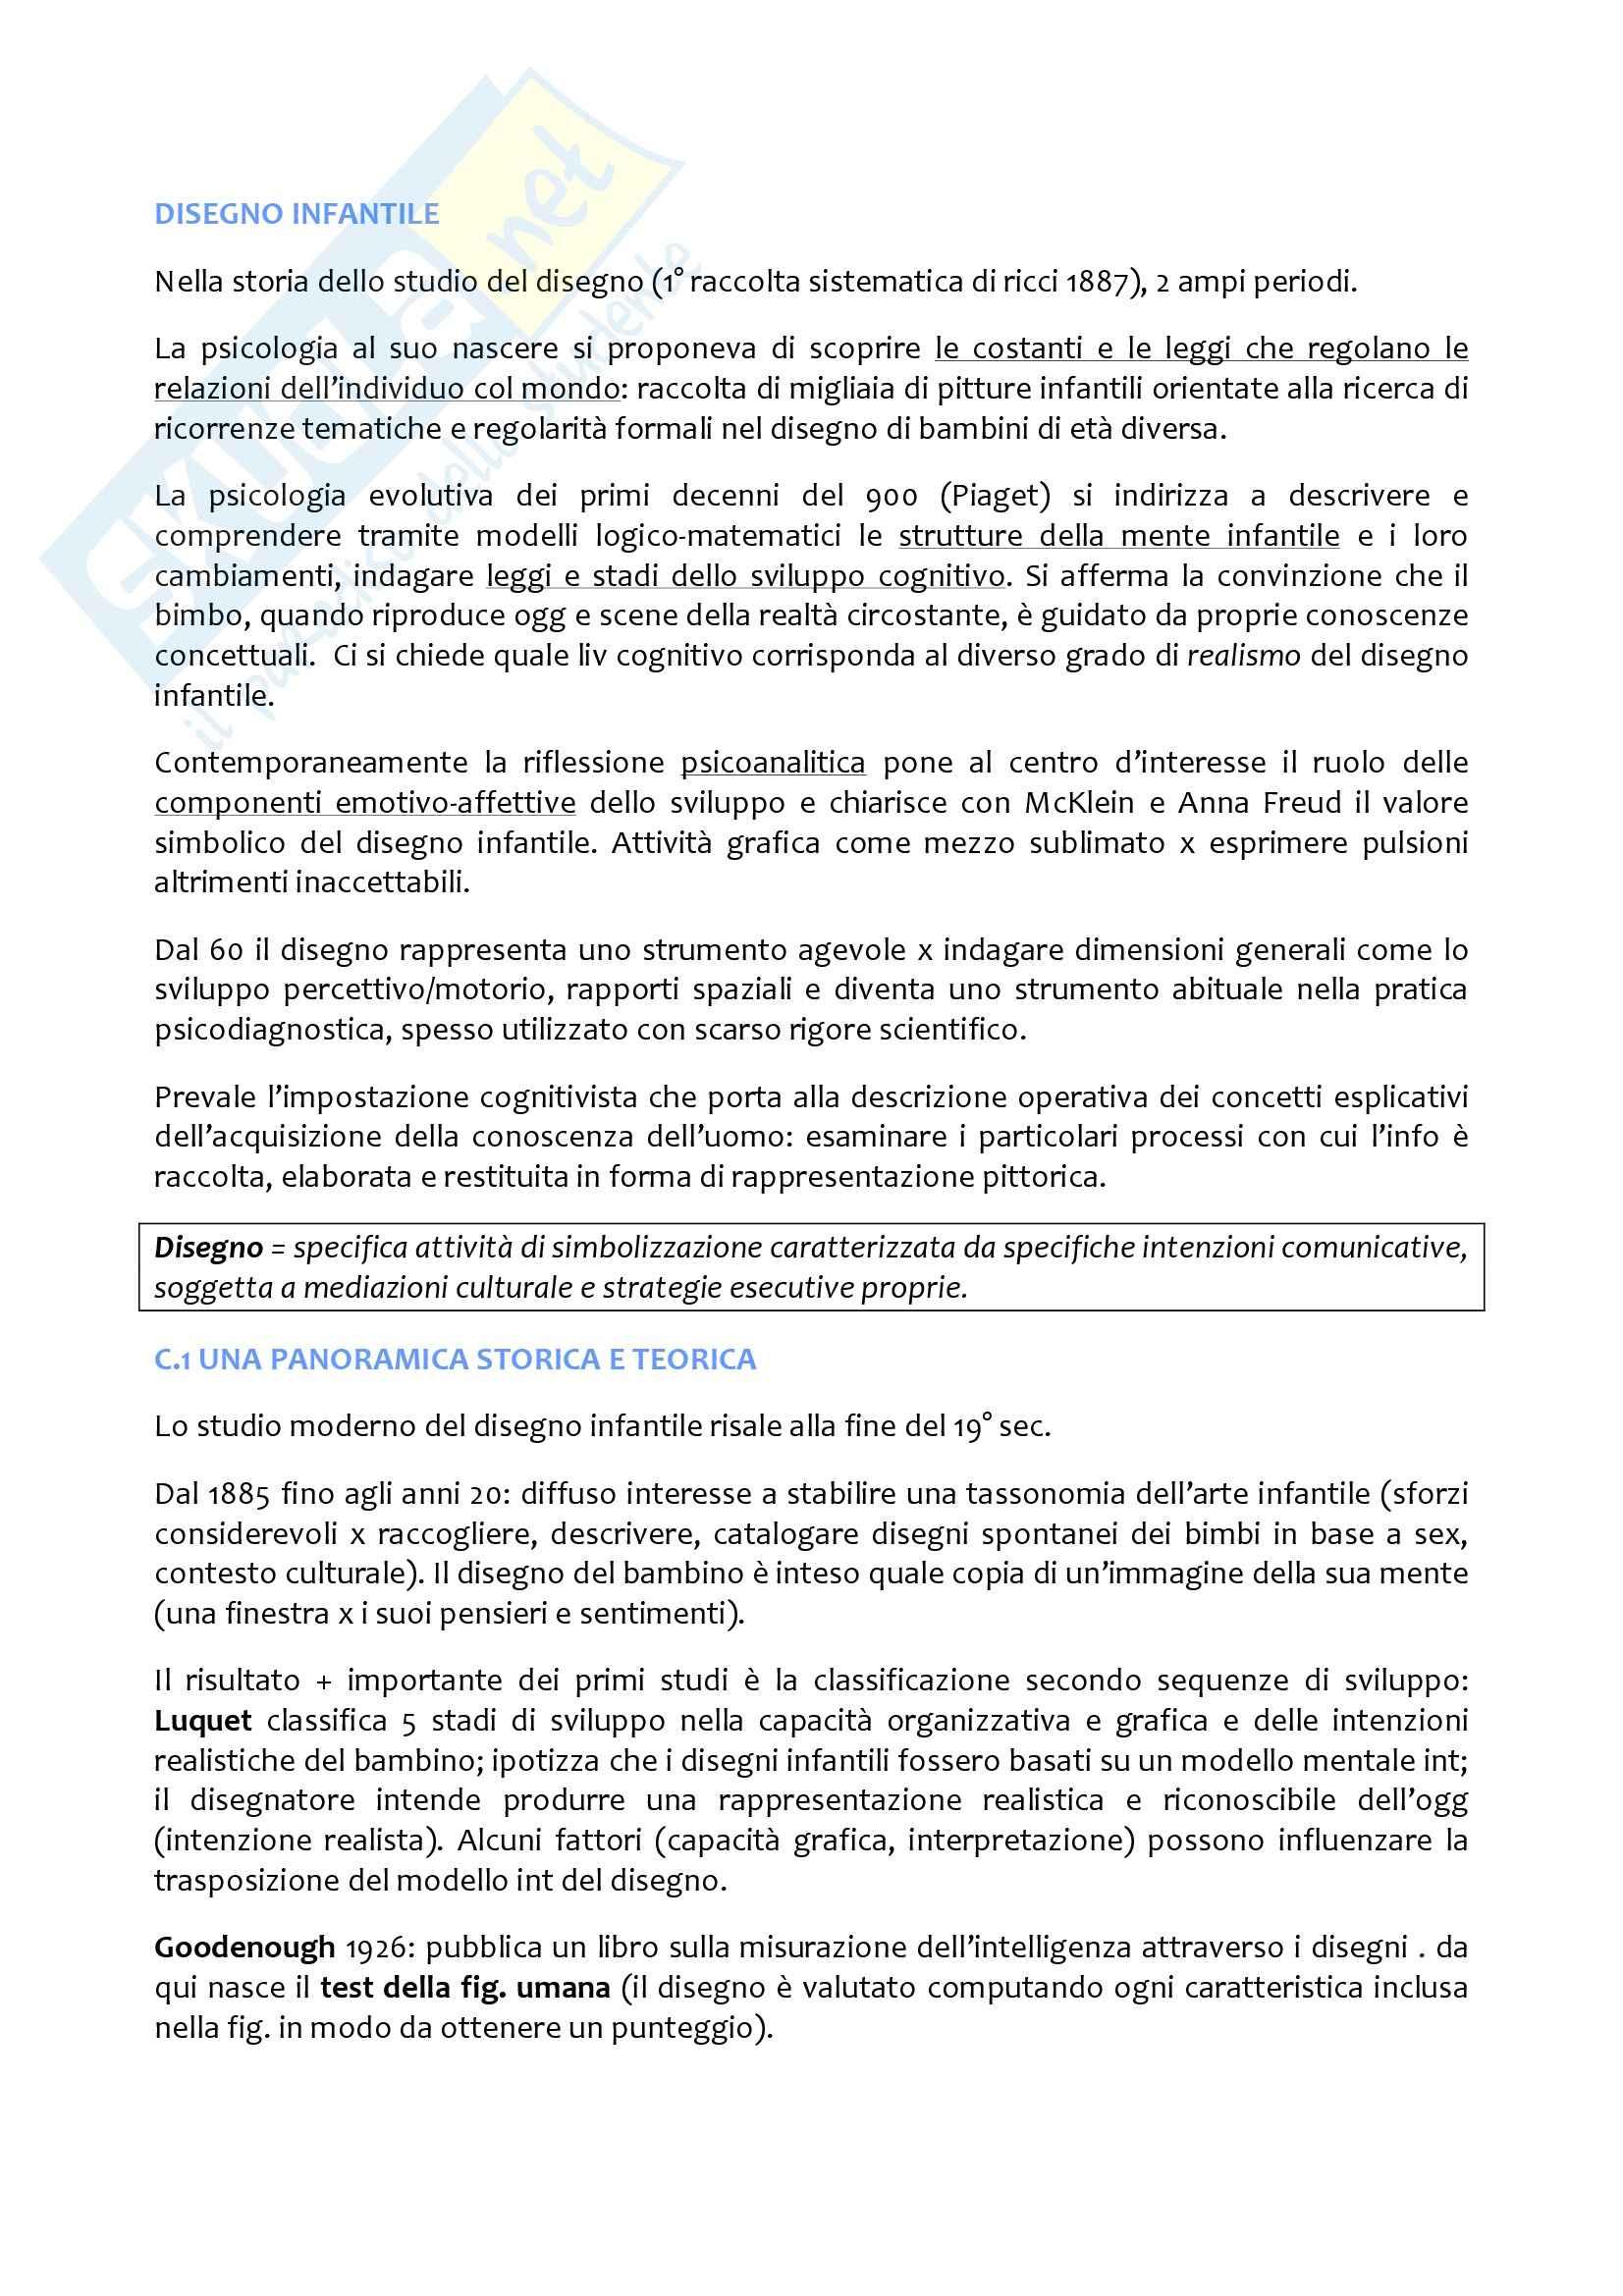 appunto T. Giani Gallino Psicologia dello sviluppo